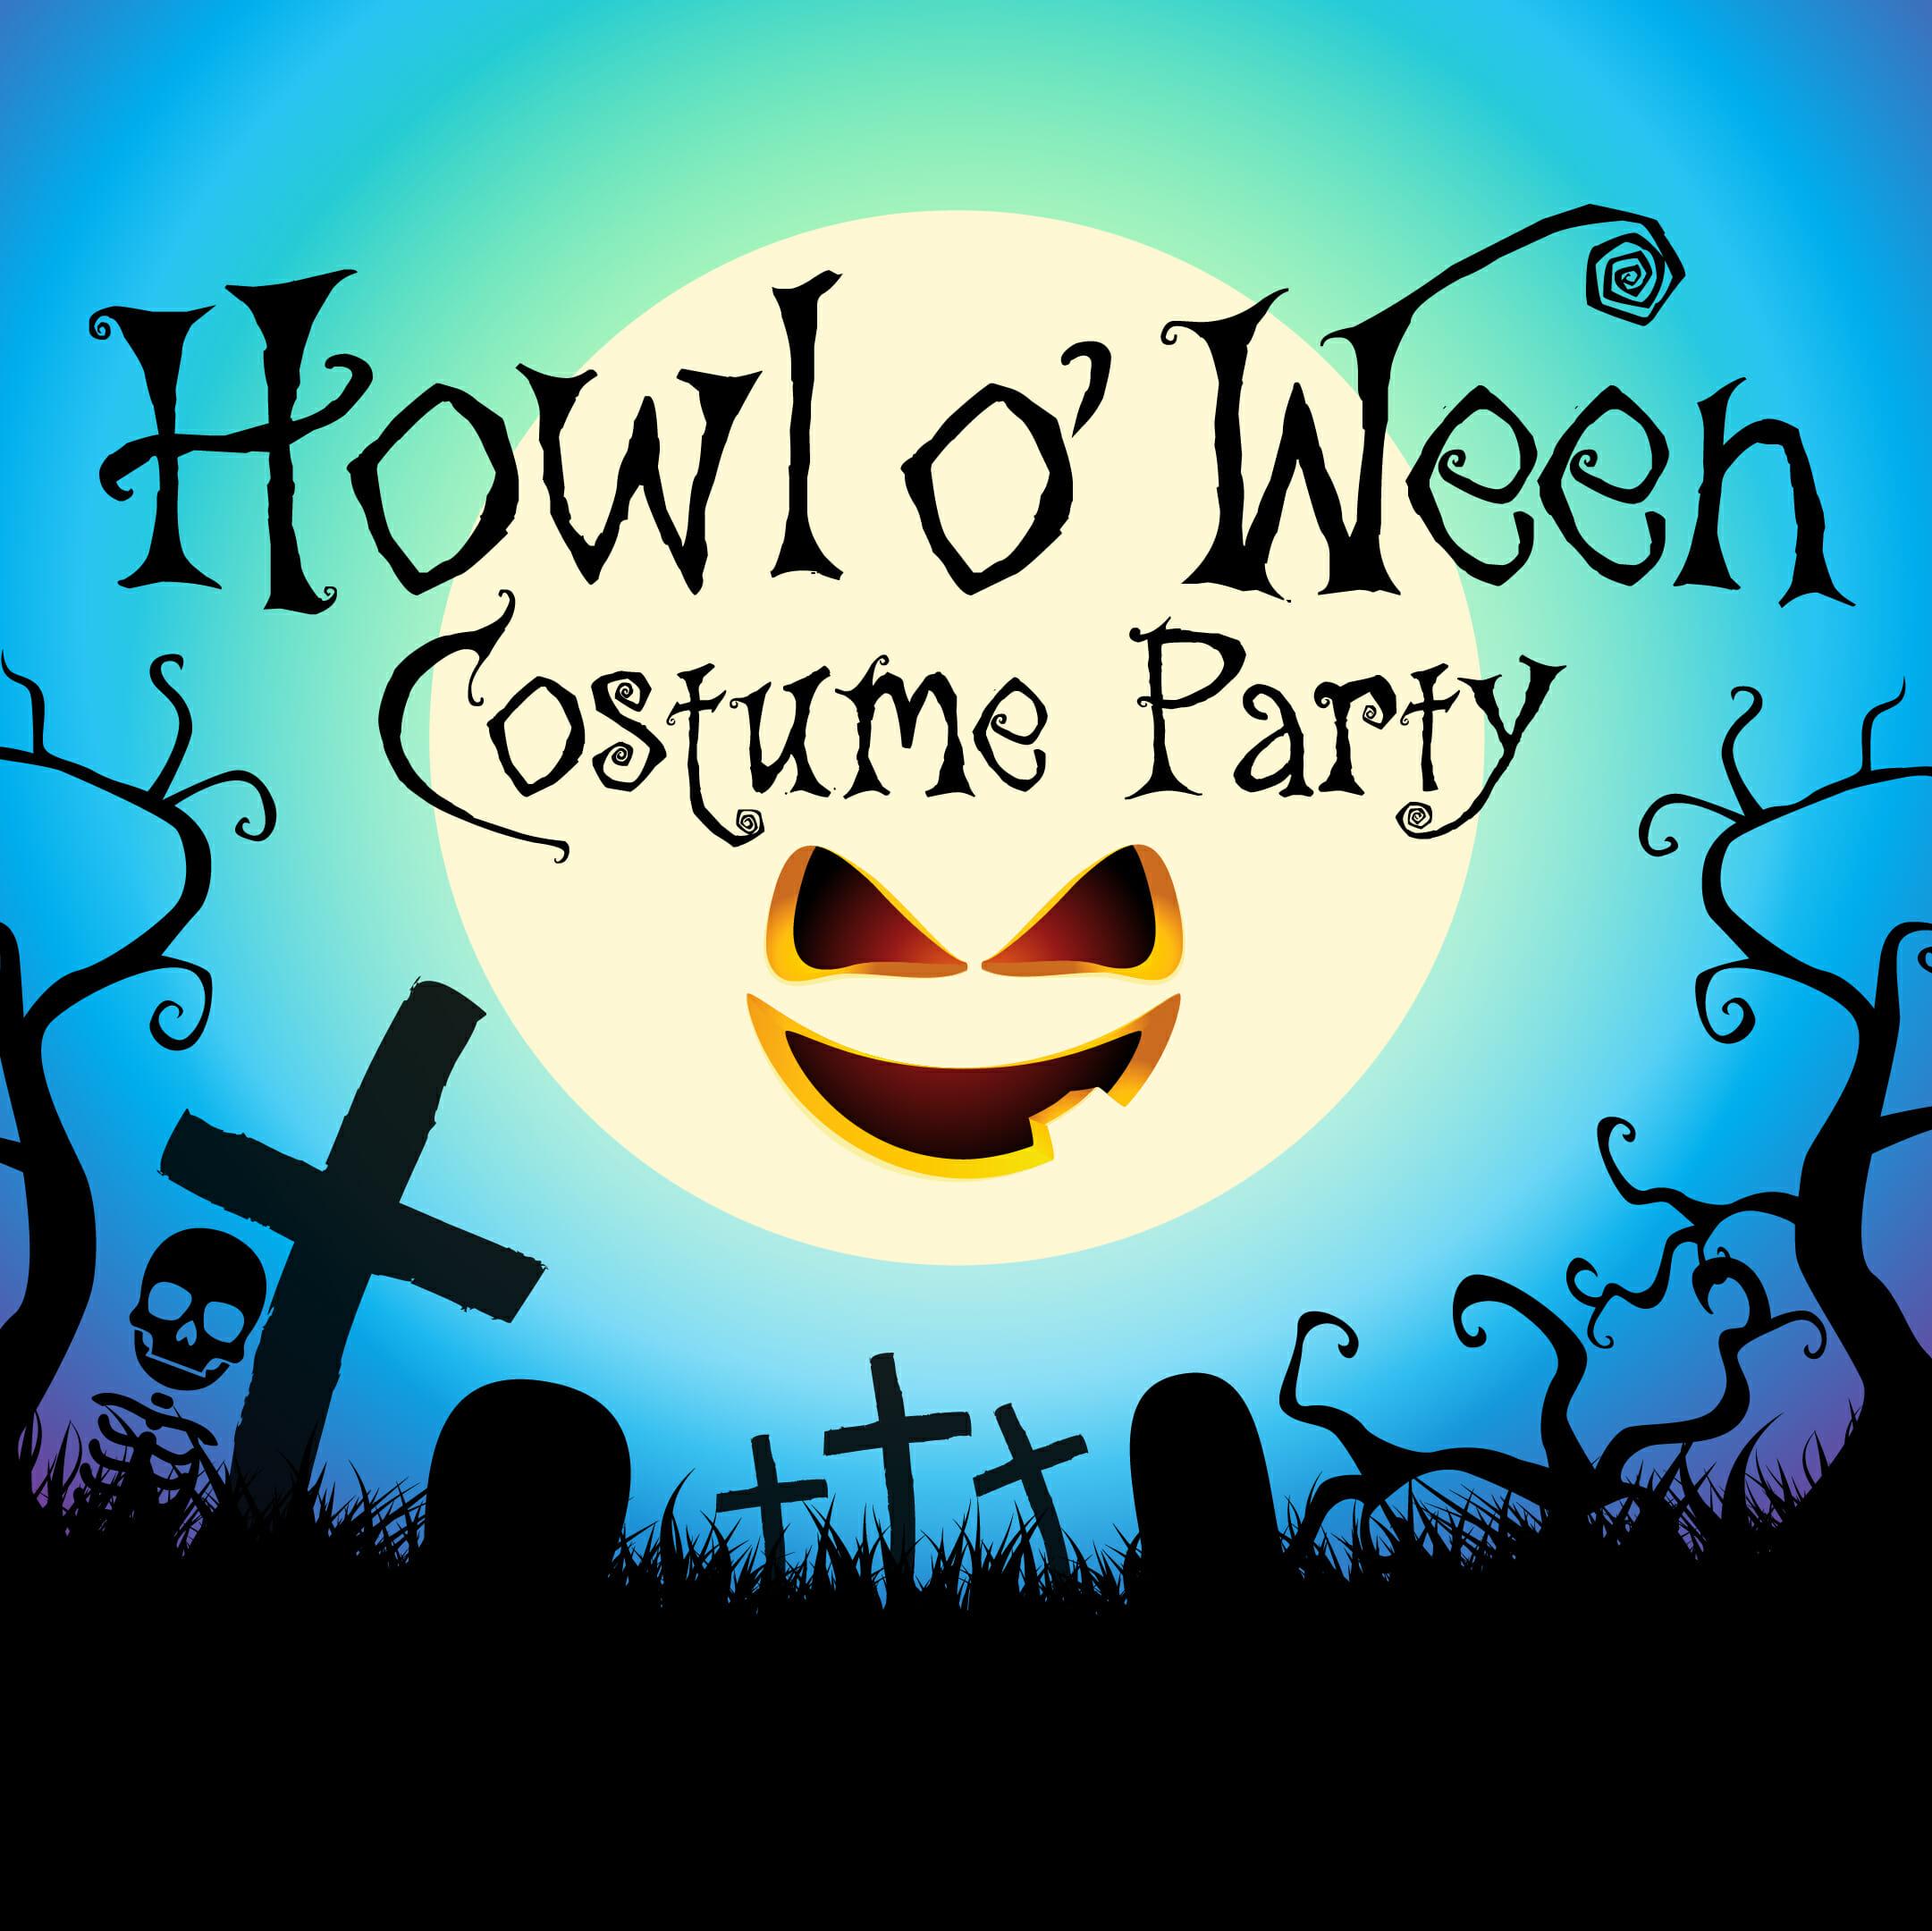 Howl o' Ween 2021 Halloween